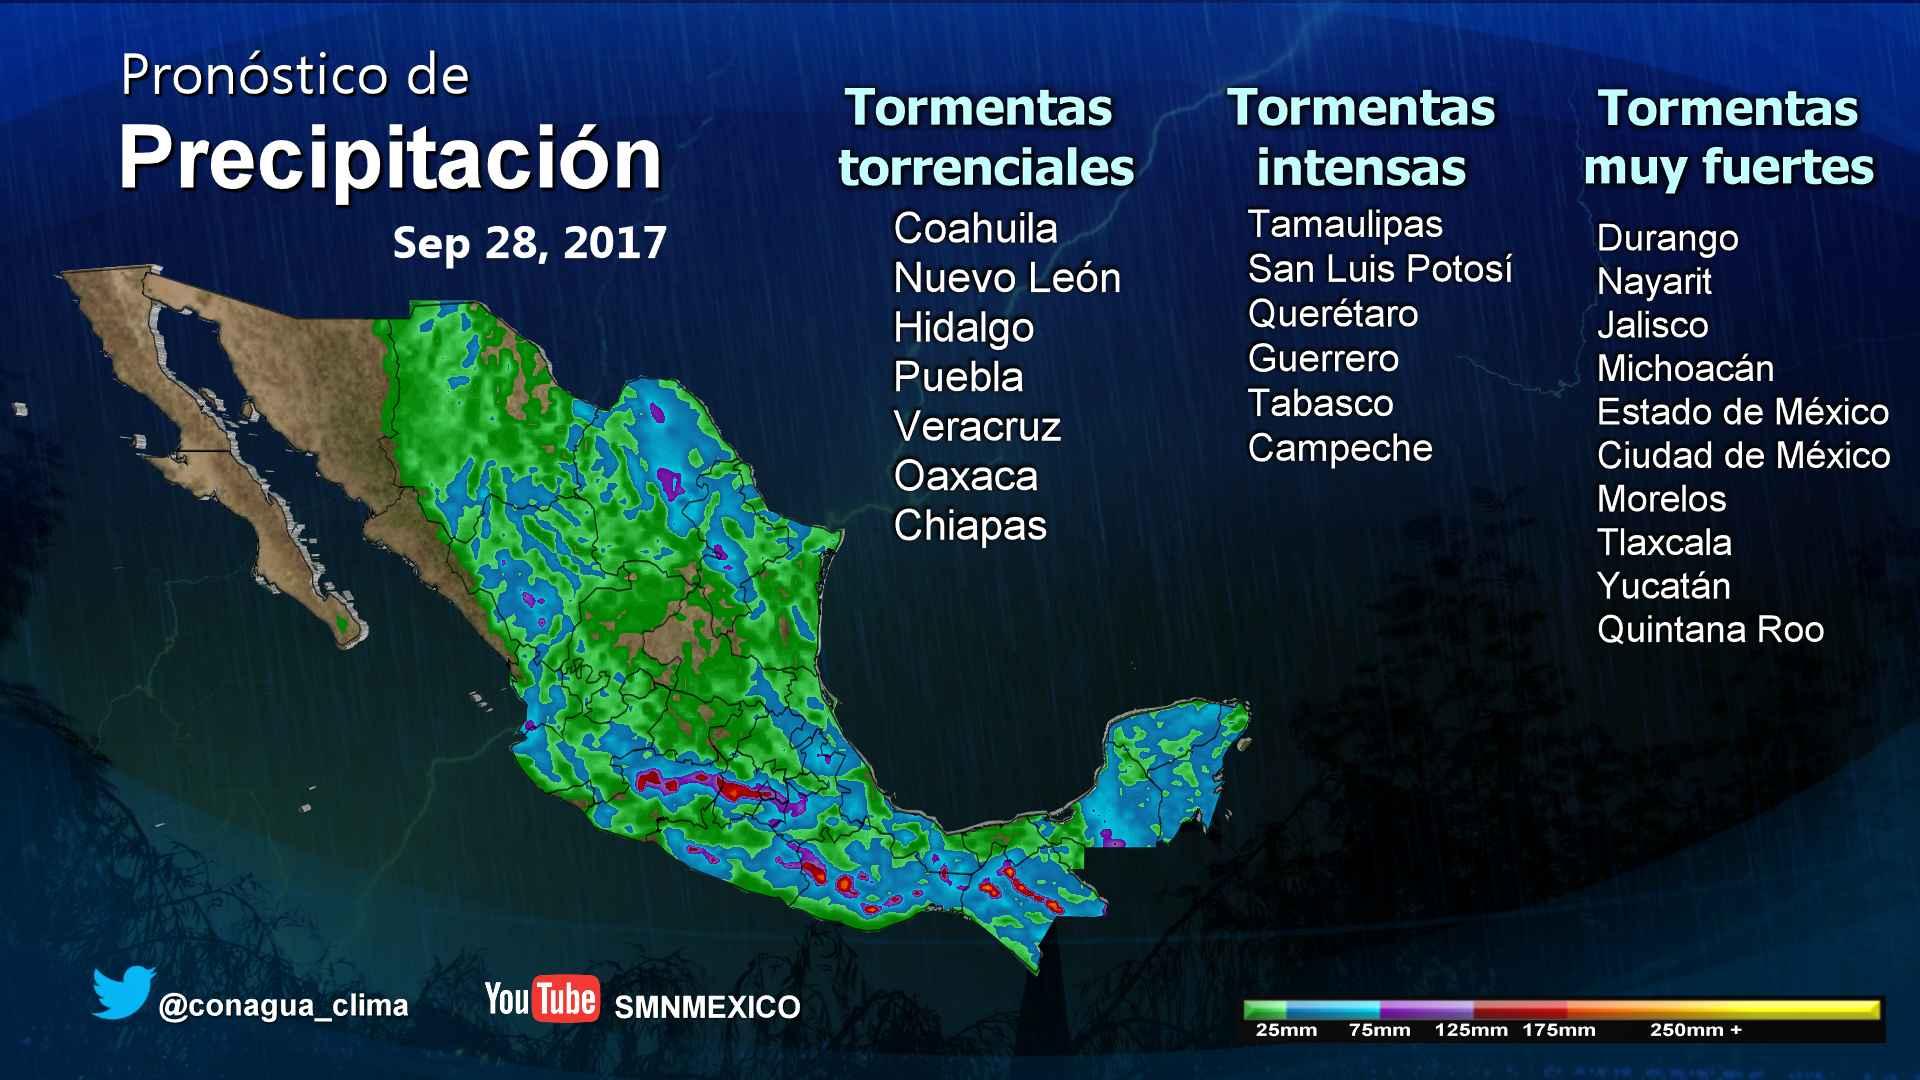 Se prevén tormentas torrenciales para regiones de Coahuila, Nuevo León, Hidalgo, Puebla, Veracruz, Oaxaca y Chiapas